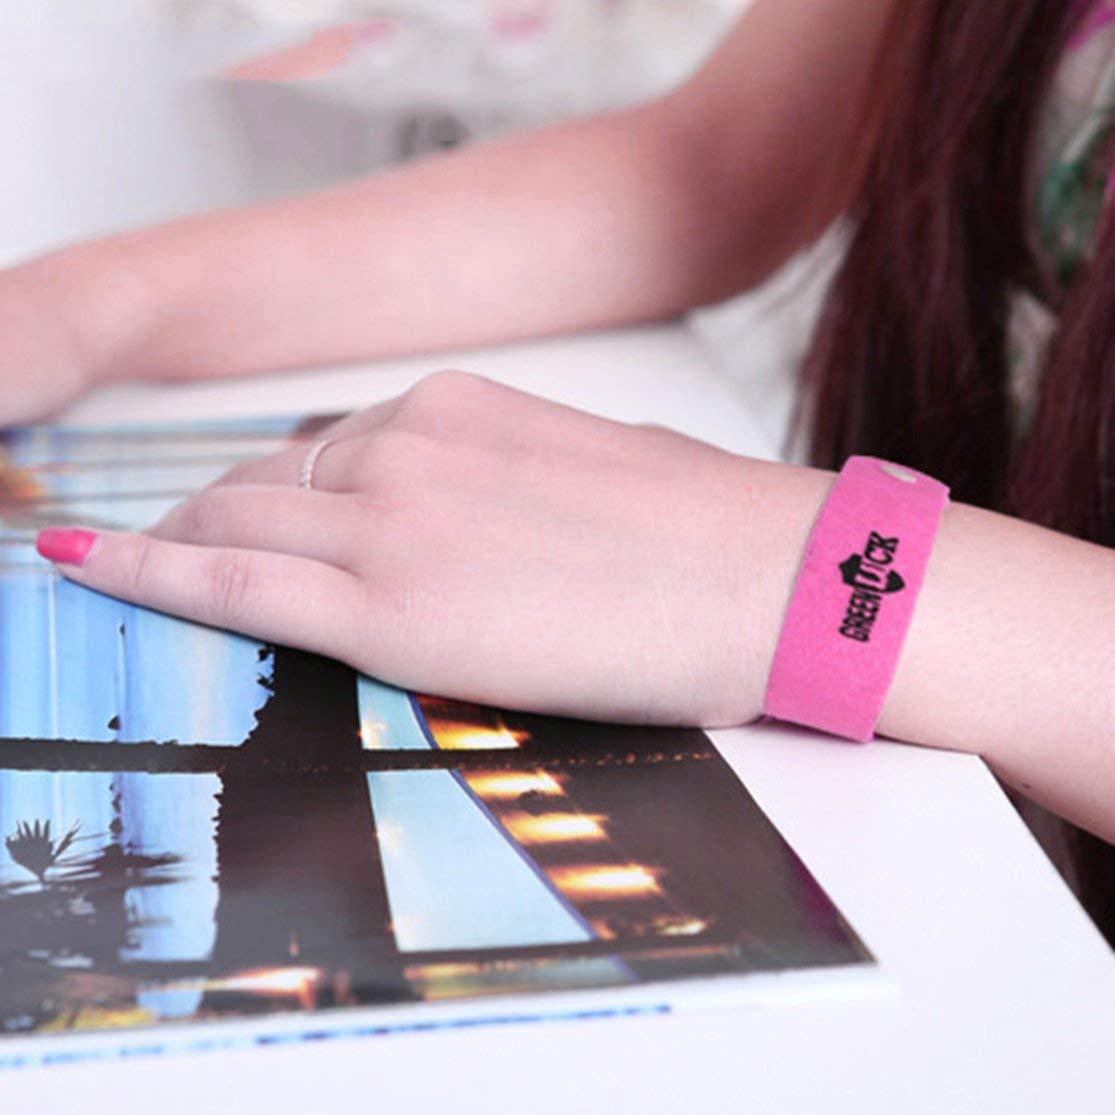 LouiseEvel215 Bracelet Anti-Moustique Non Toxique Portable Bande Anti-Moustique b/éb/é Enfant Bracelet Anti-Moustique pi/ège pour ext/érieur